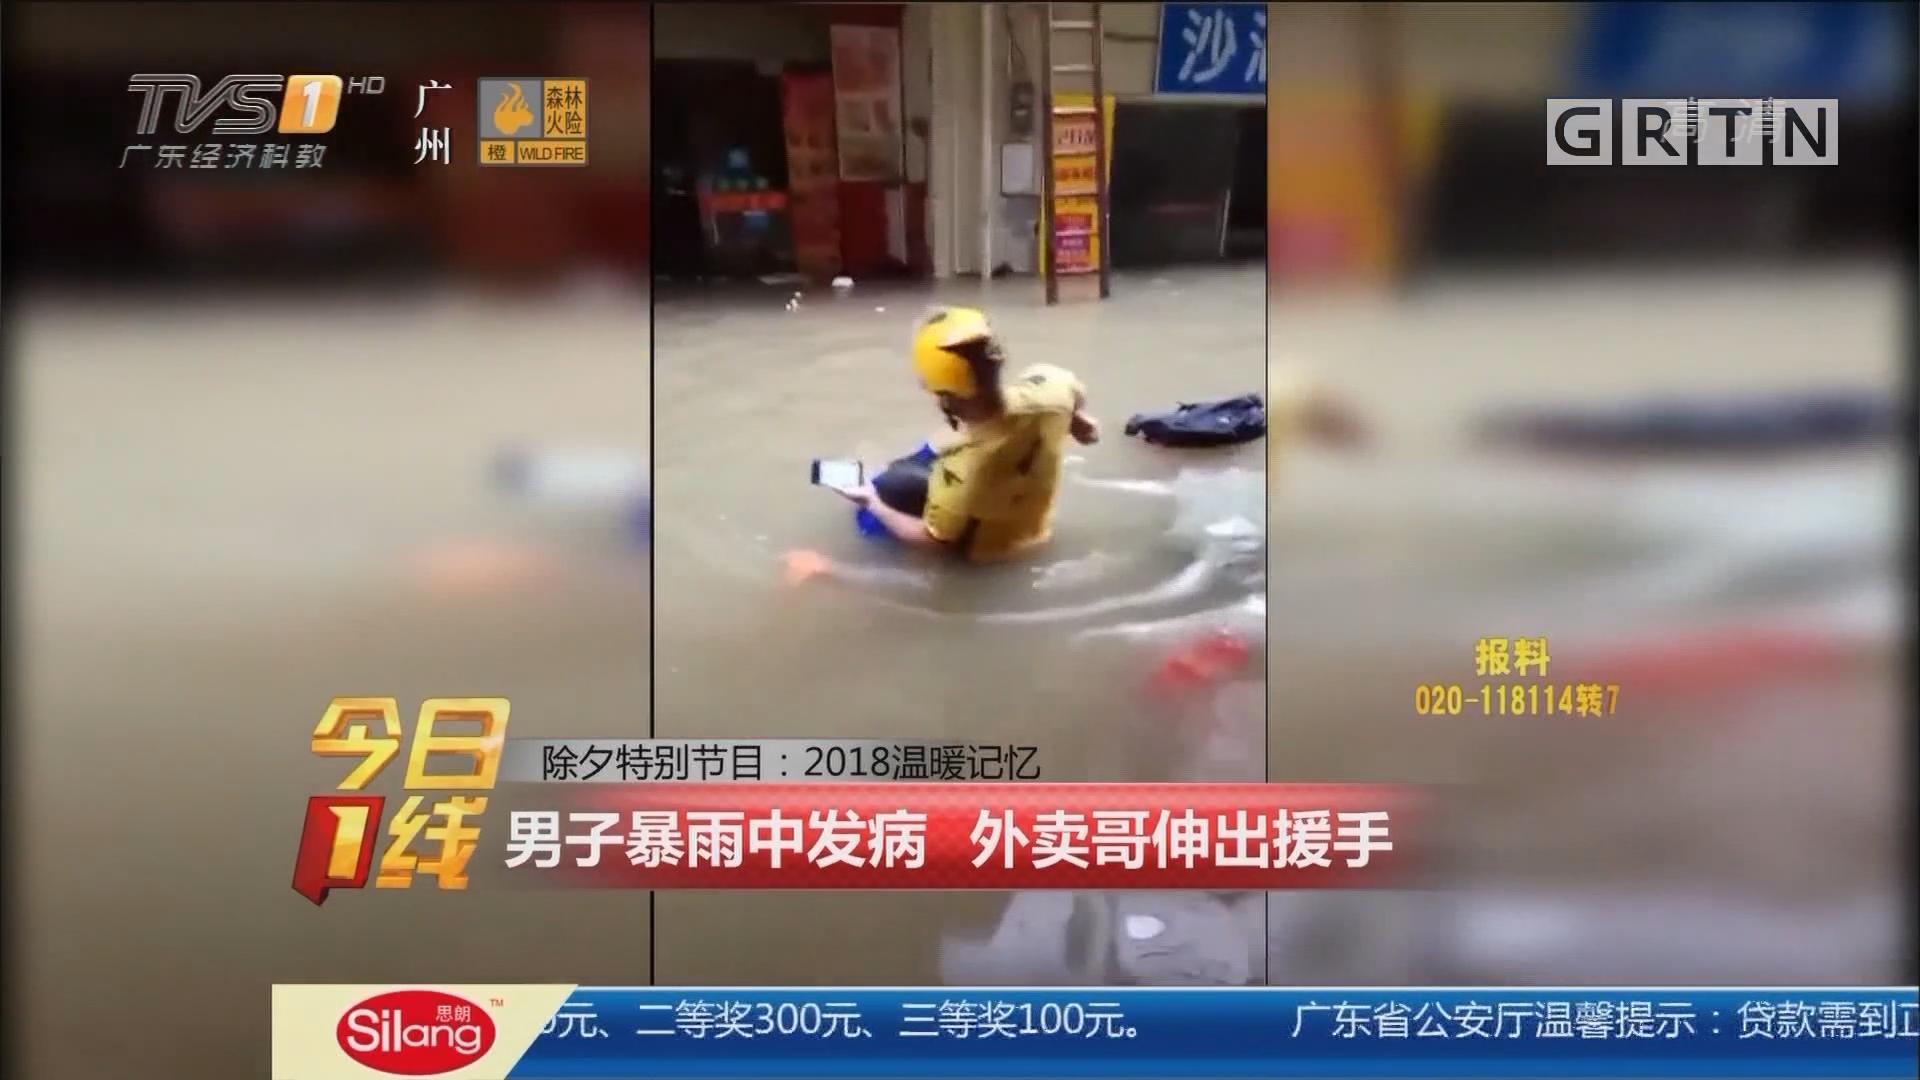 除夕特别节目:2018温暖记忆 男子暴雨中发病 外卖哥伸出援手